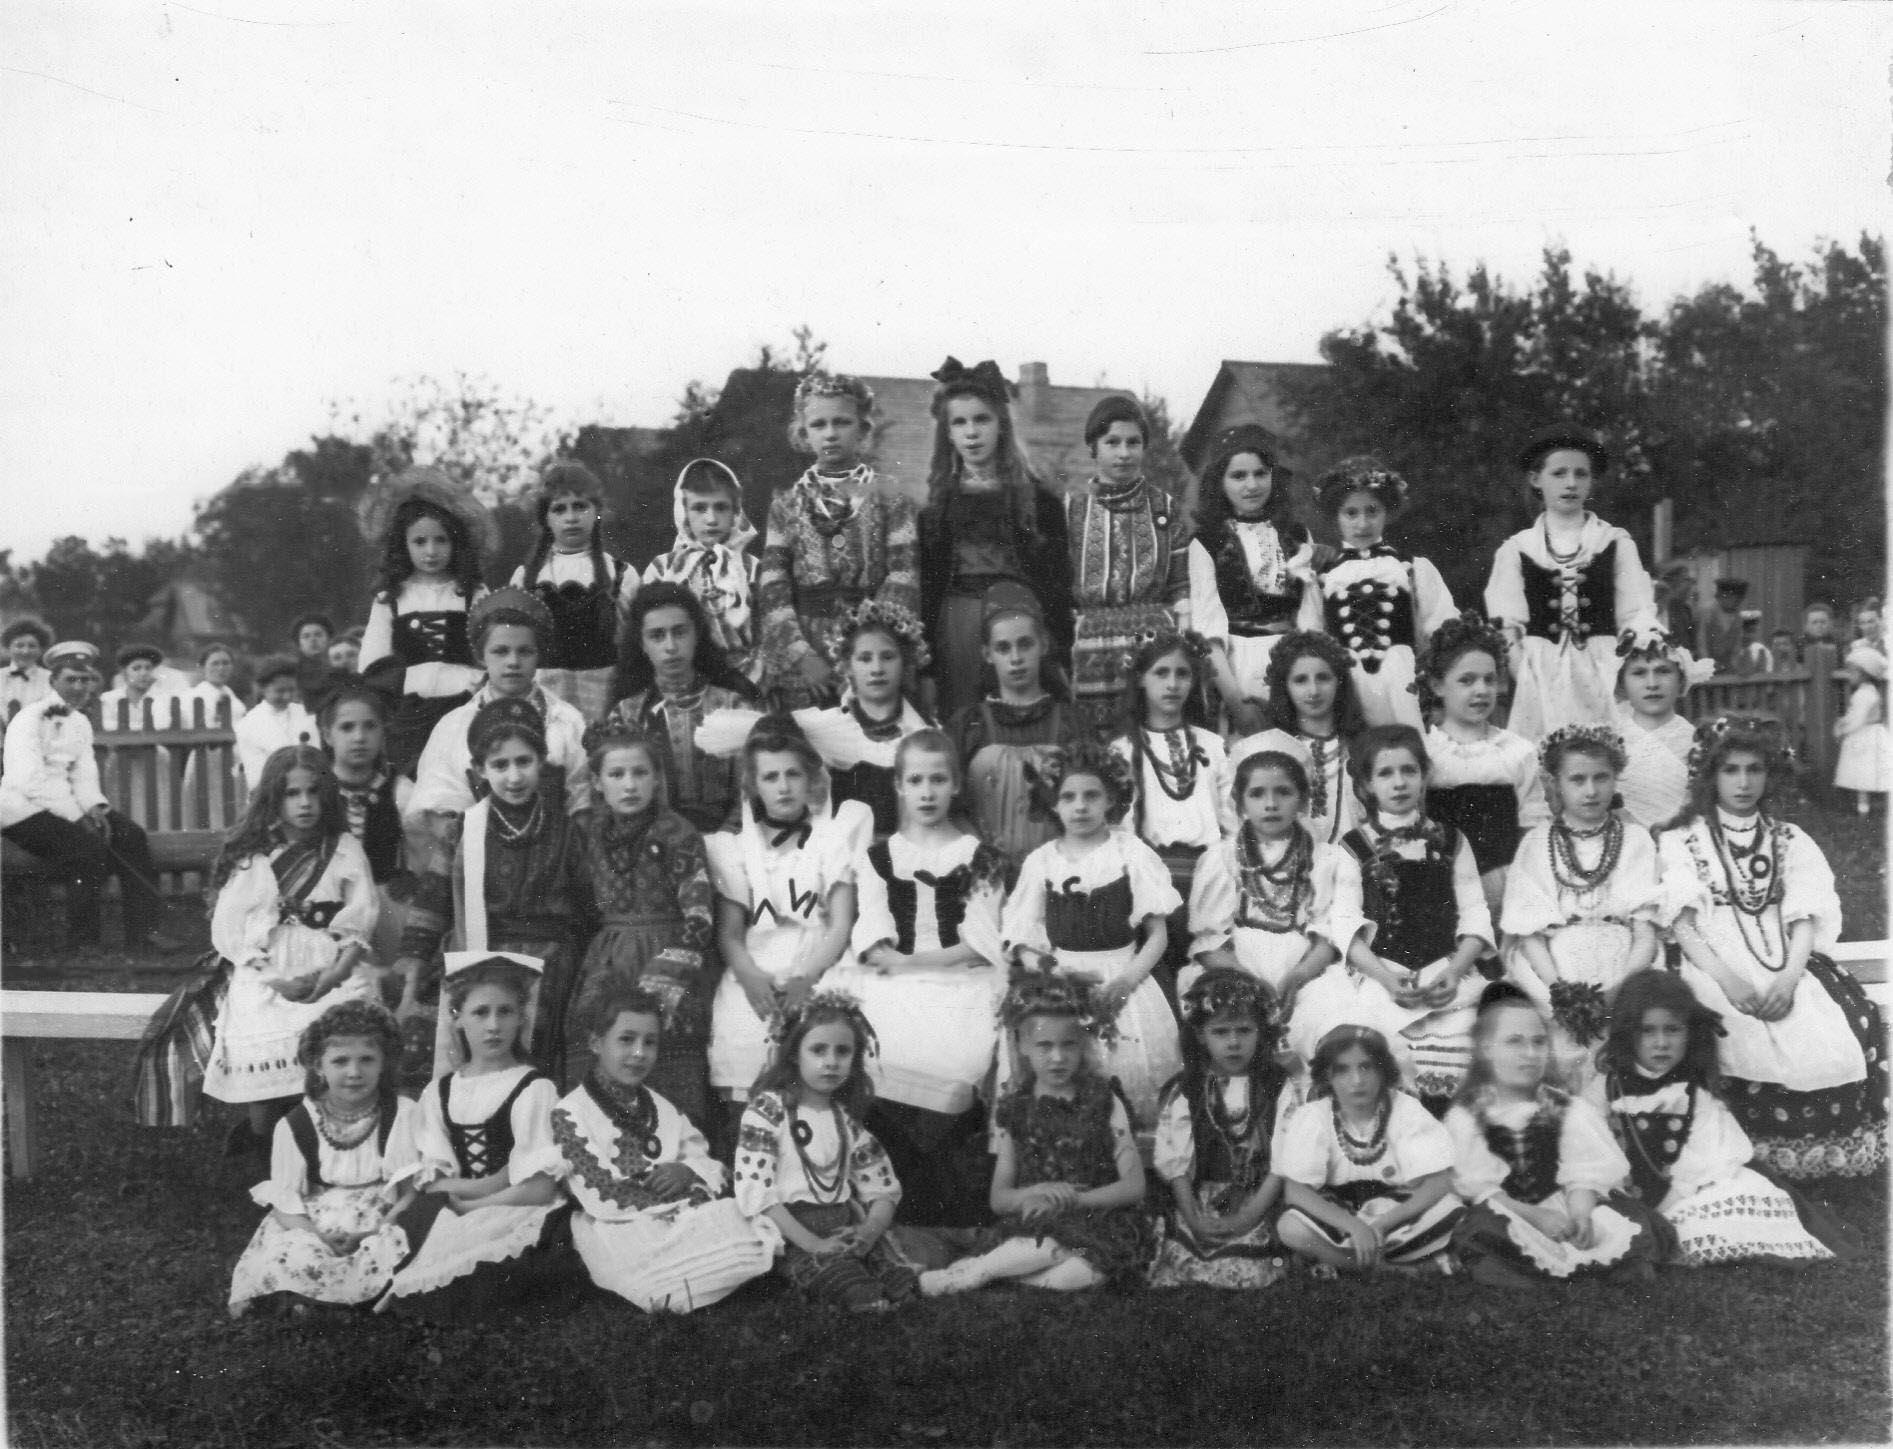 Группа детей в национальных костюмах на спортивной площадке гимнастического общества Пальма